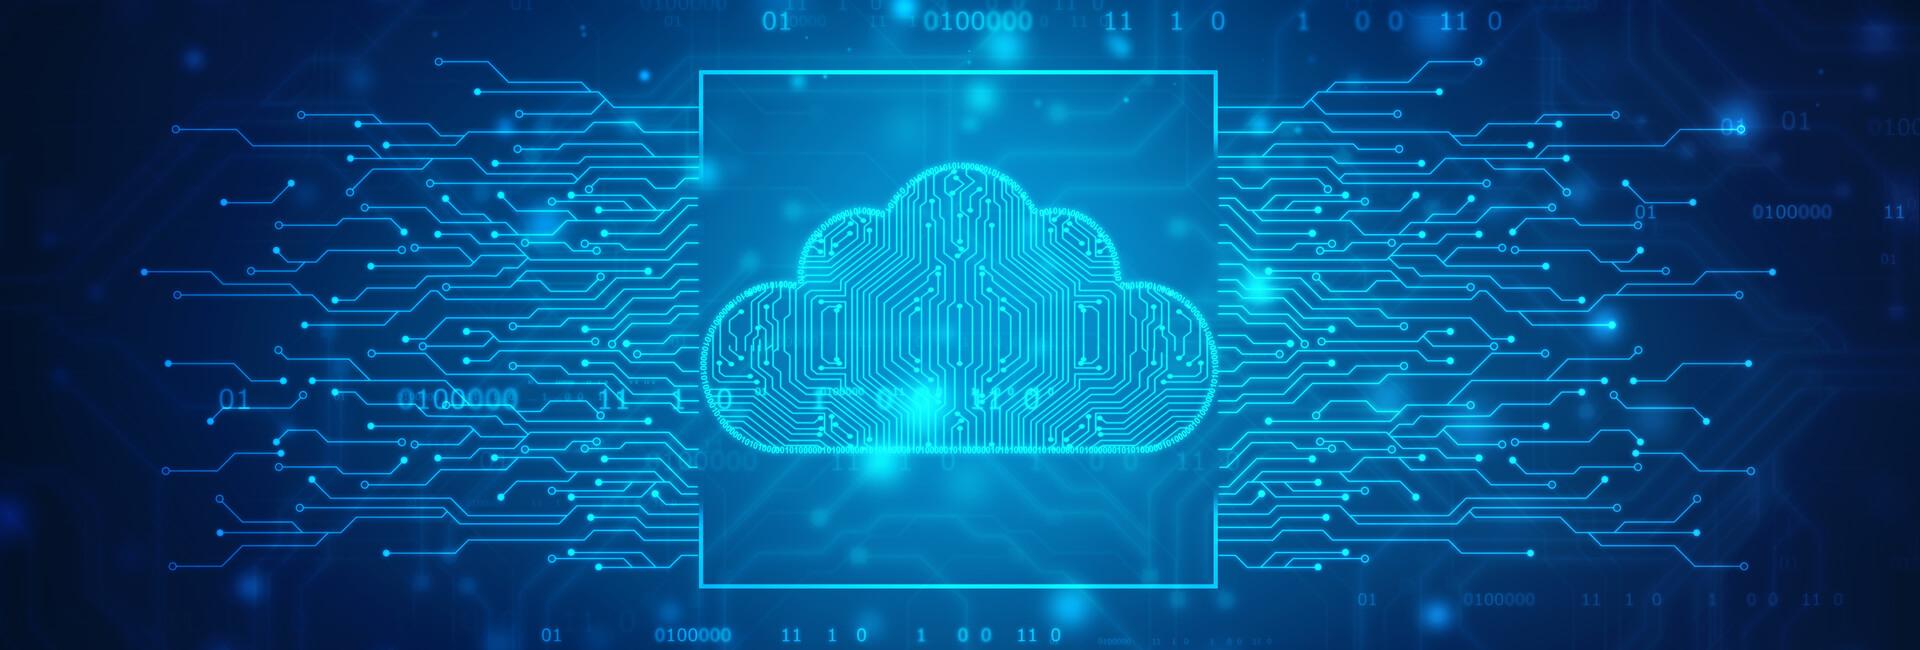 Servitizzazione e Cloud: cosa serve per far fruttare i dati